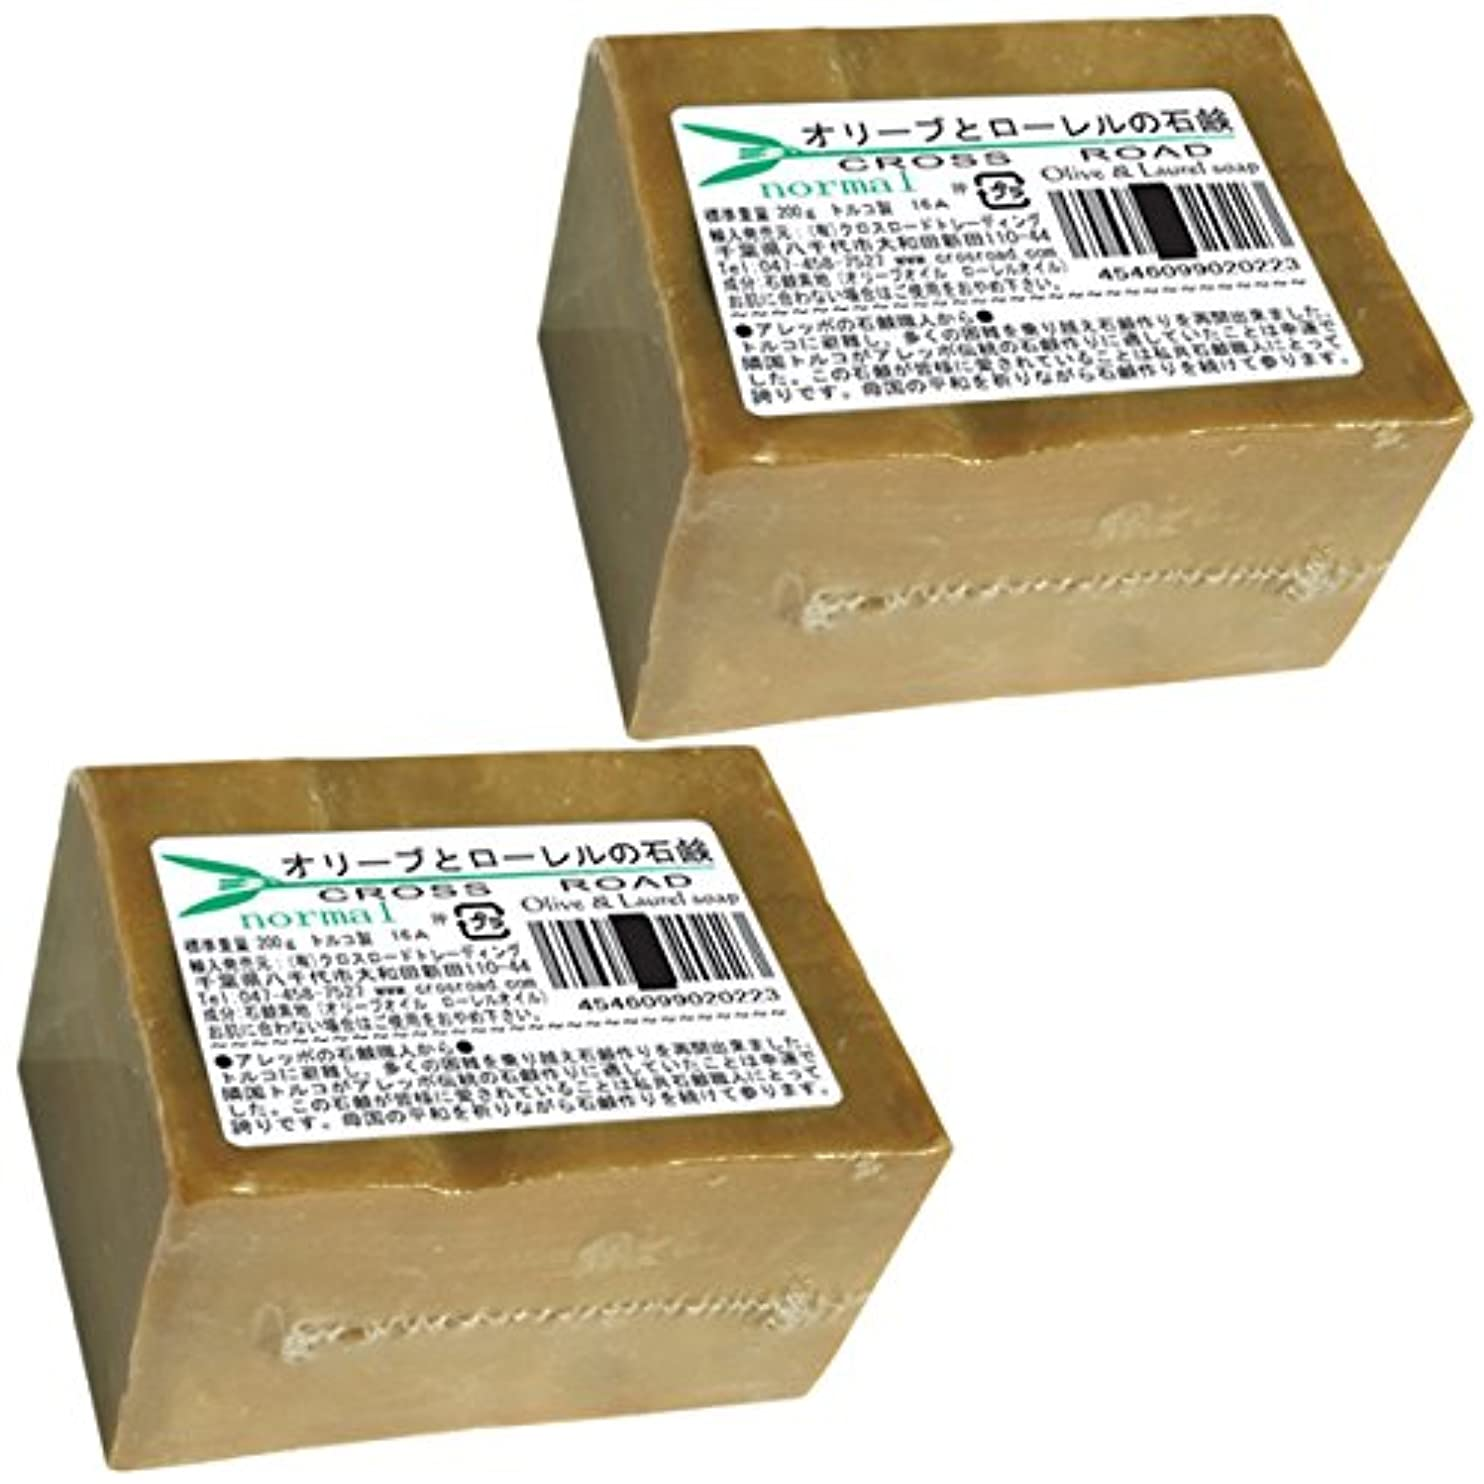 ナイロン縮約学んだオリーブとローレルの石鹸(ノーマル)2個セット[並行輸入品]